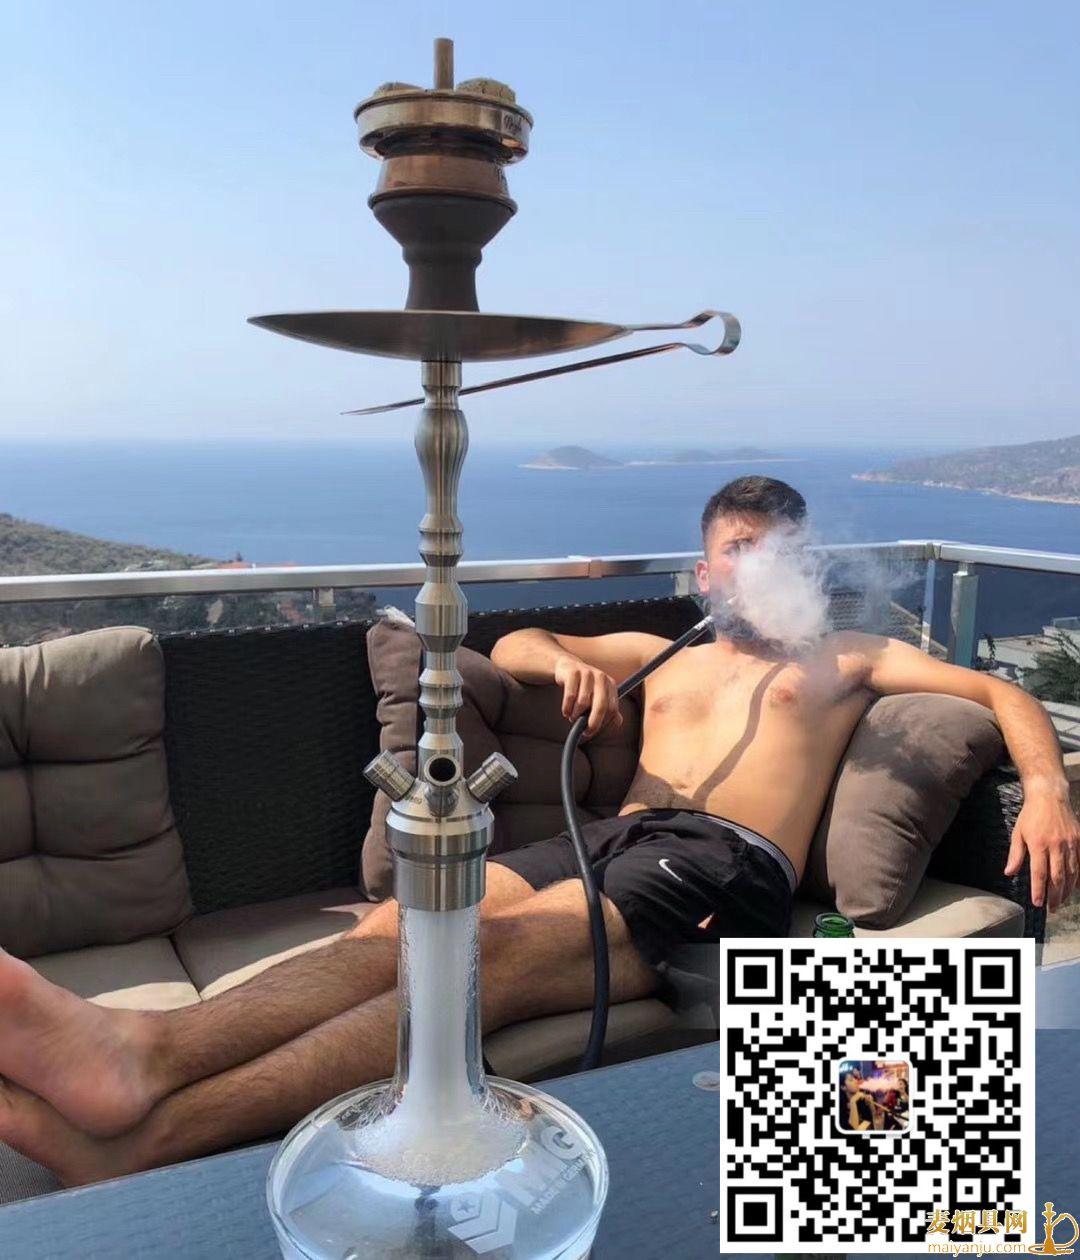 MIG新款阿拉伯水烟壶1234嘴不锈钢水烟壶图片价格批发多少钱